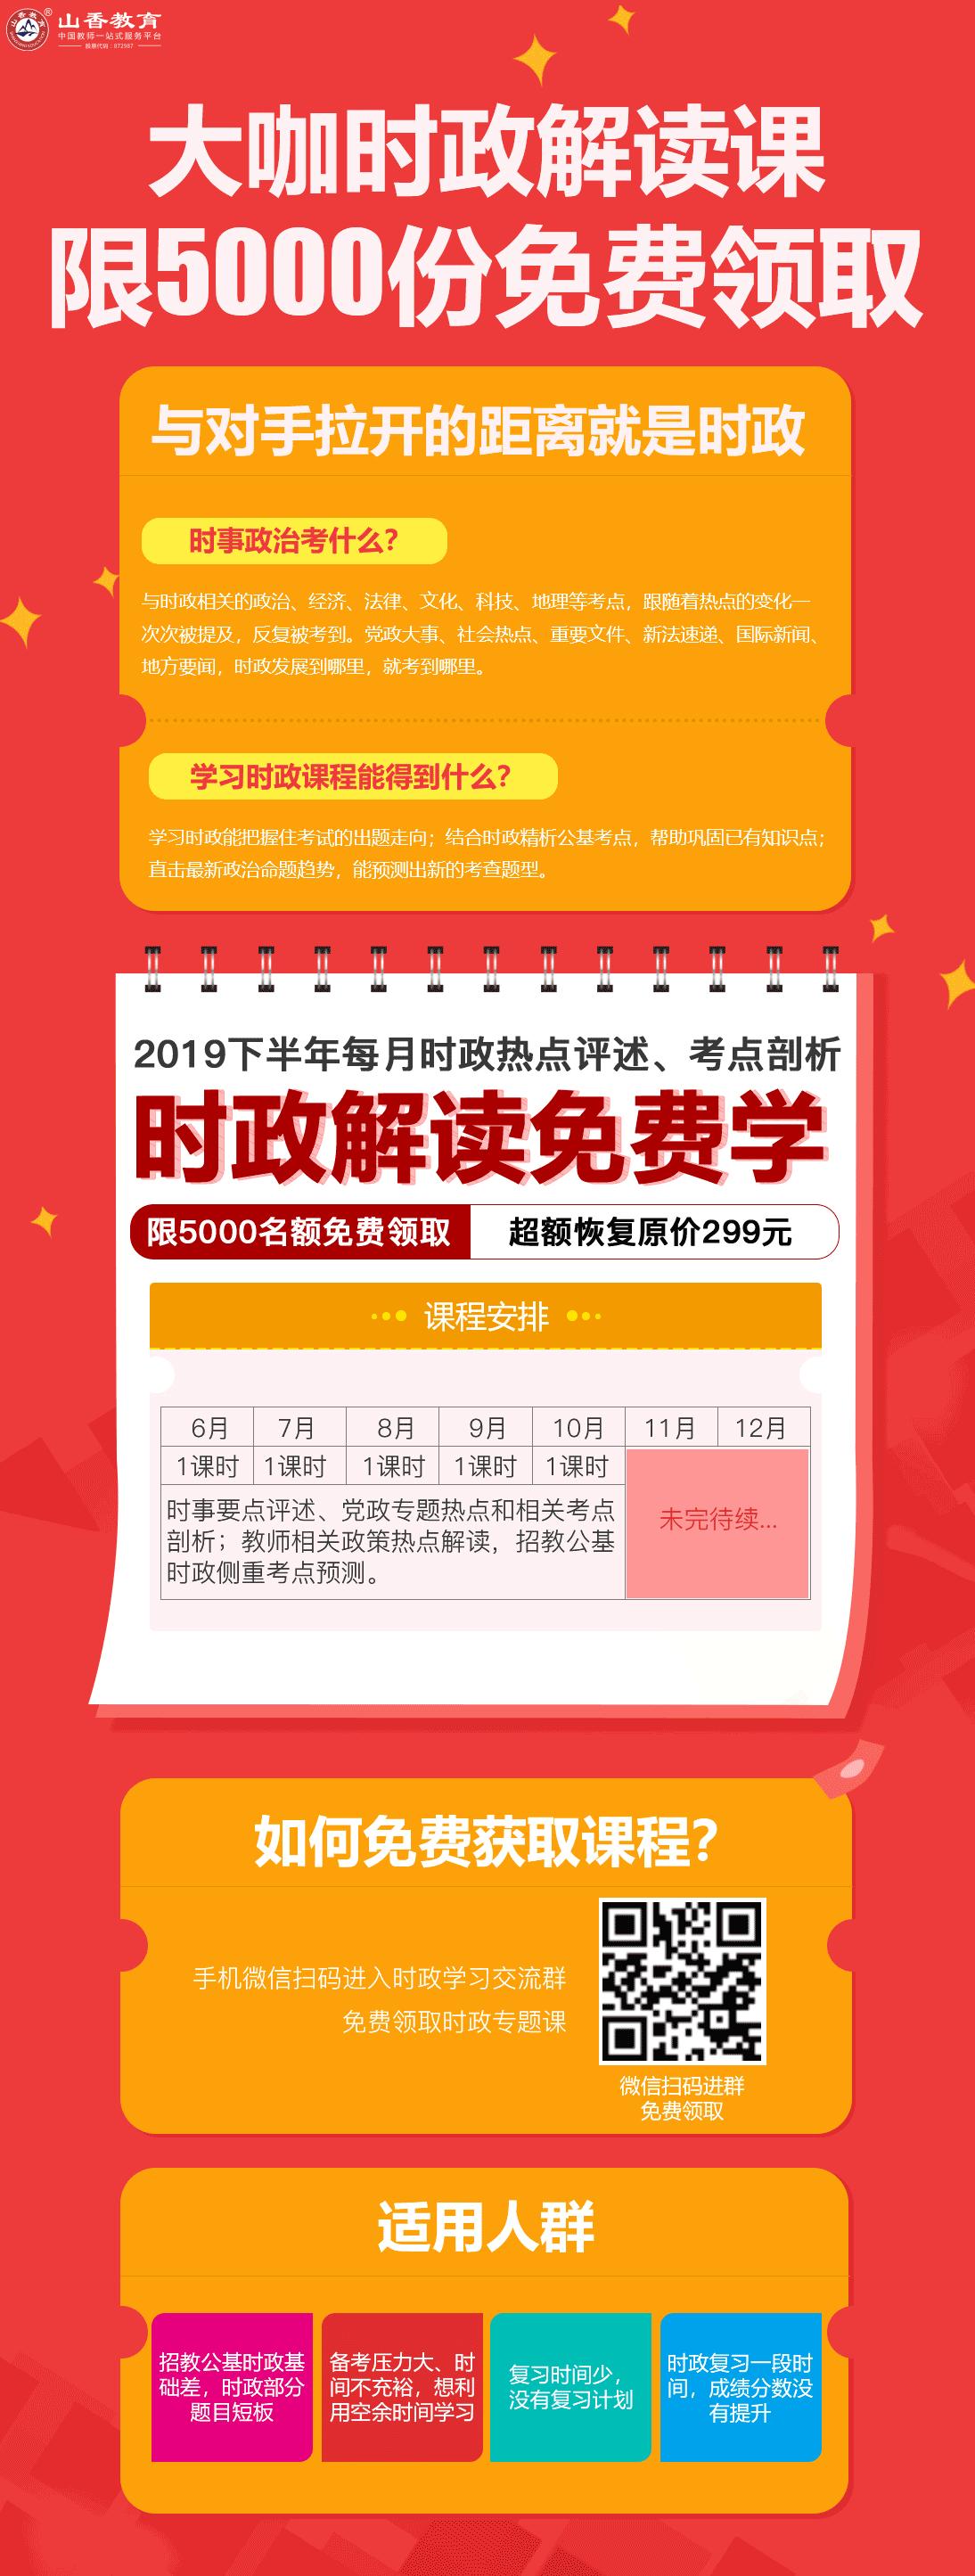 山香官网详情页-时政.png